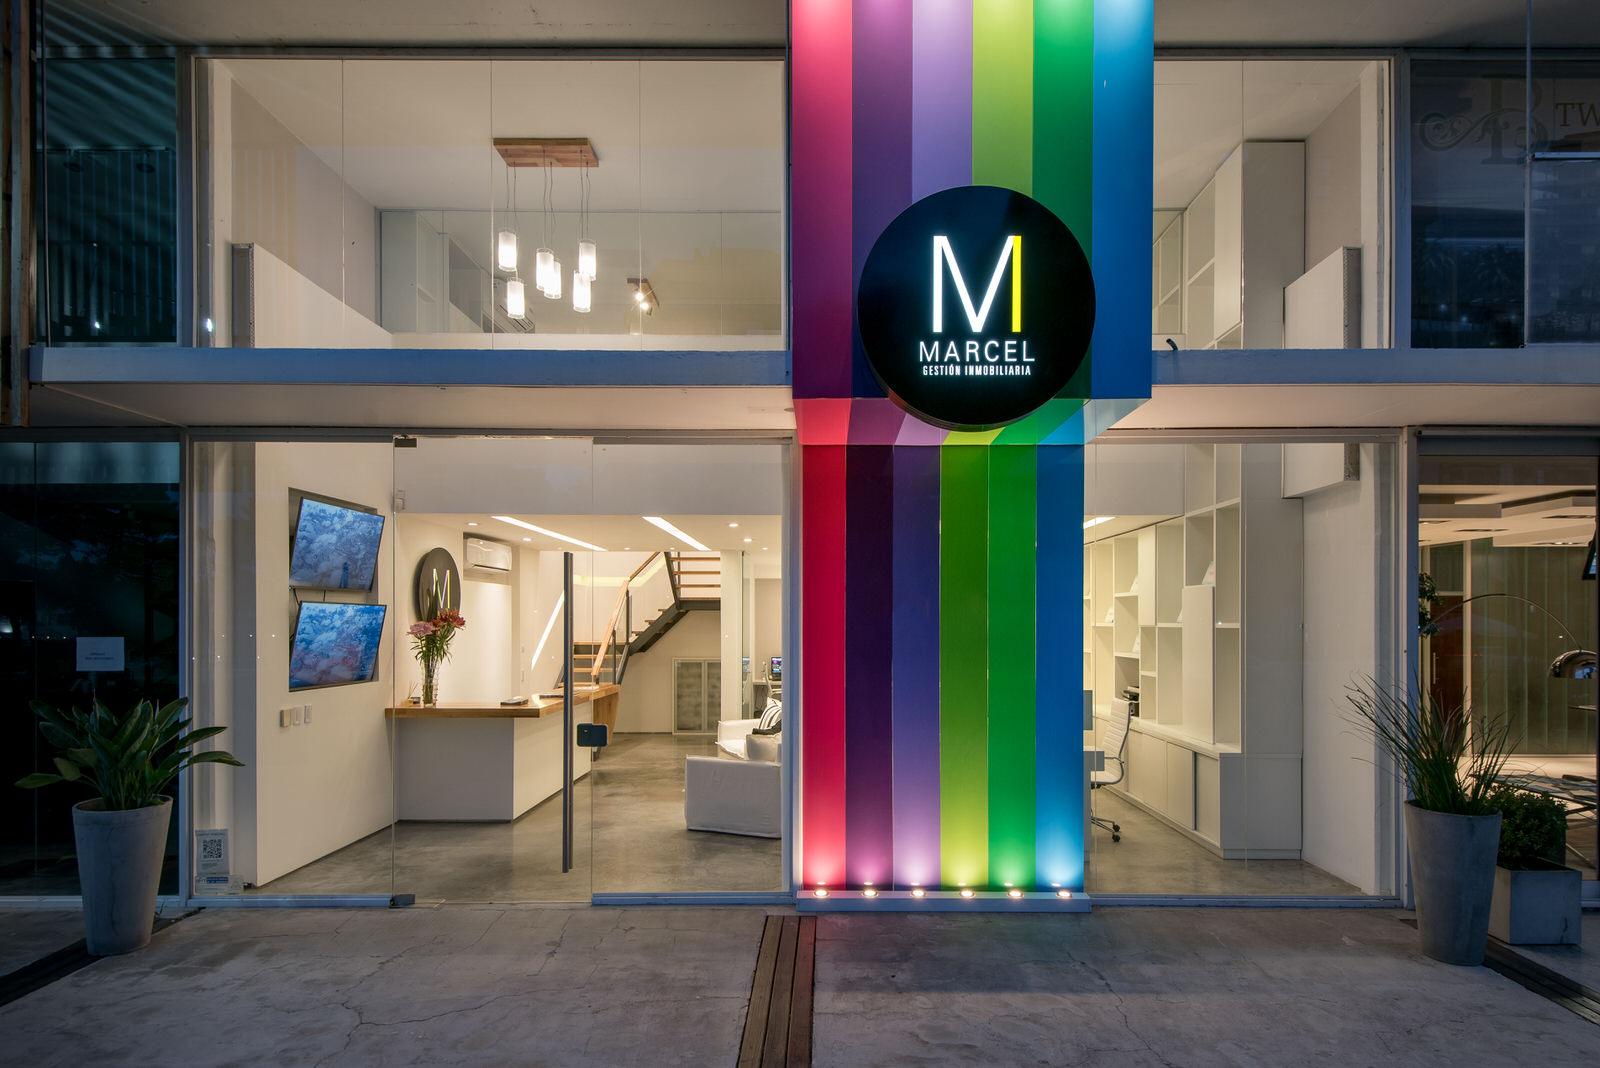 Oficinas Marcel 17